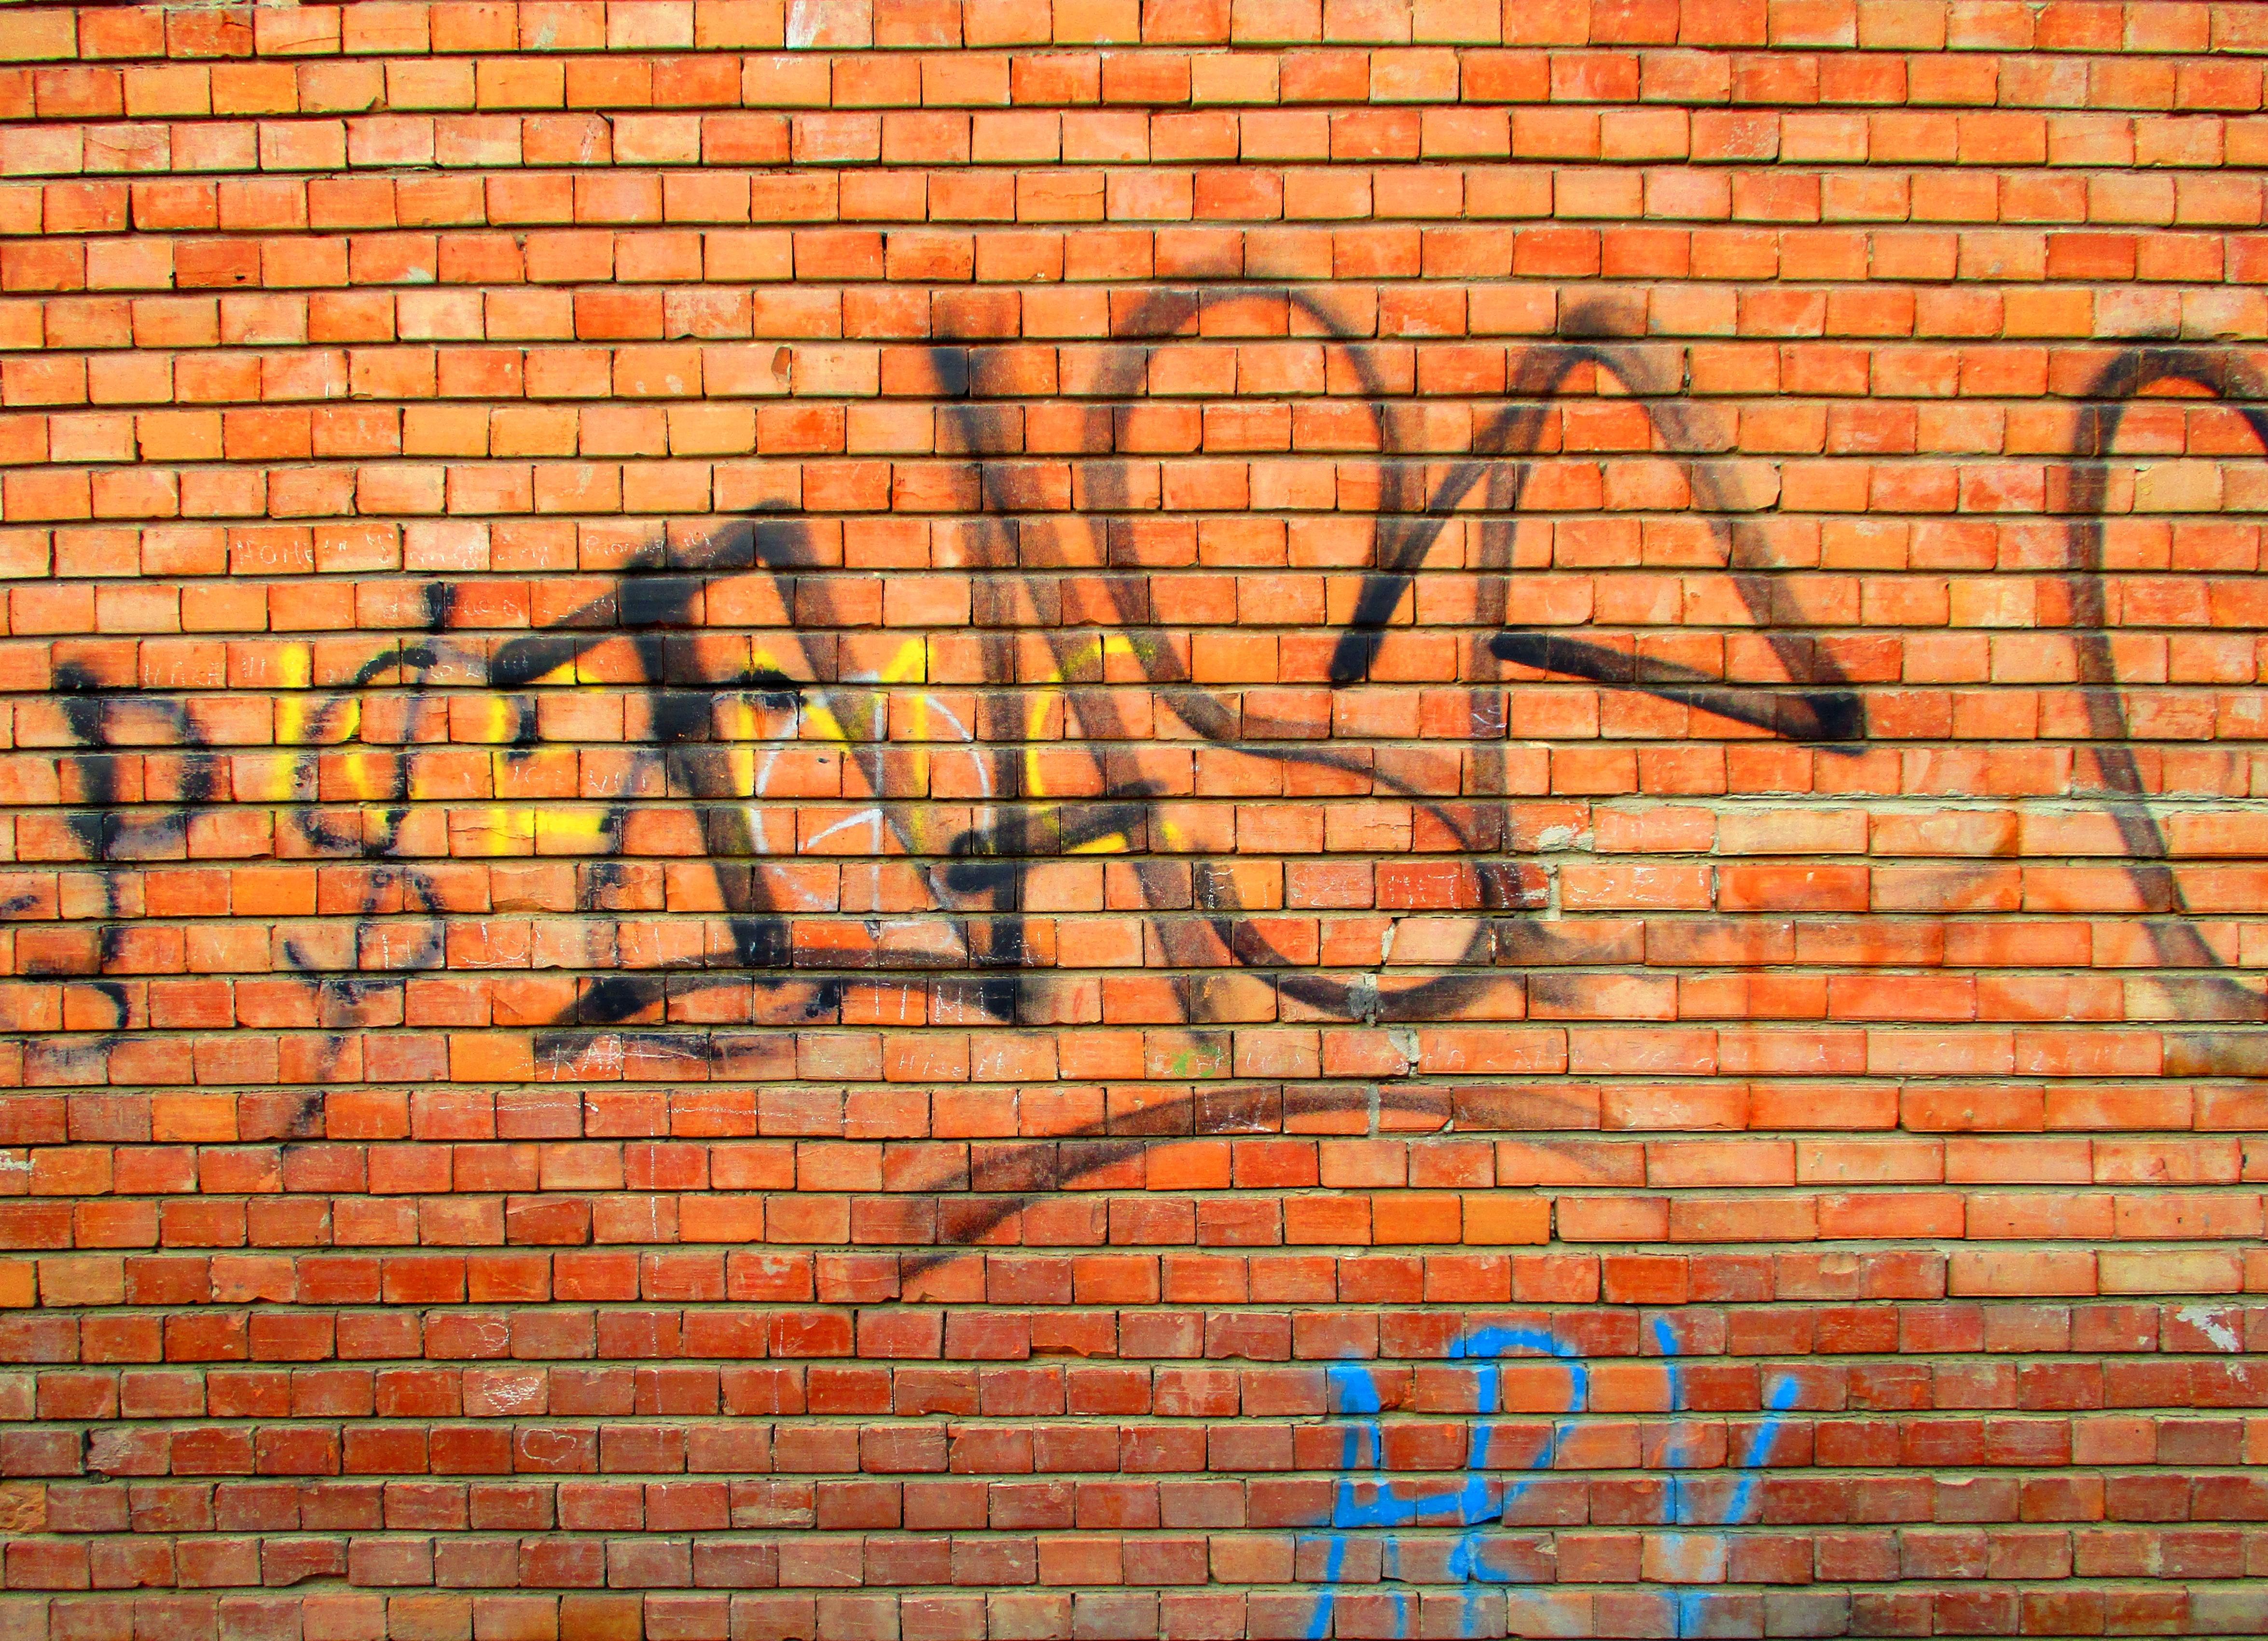 Graffiti Brick Wall Texture (JPG) | OnlyGFX.com